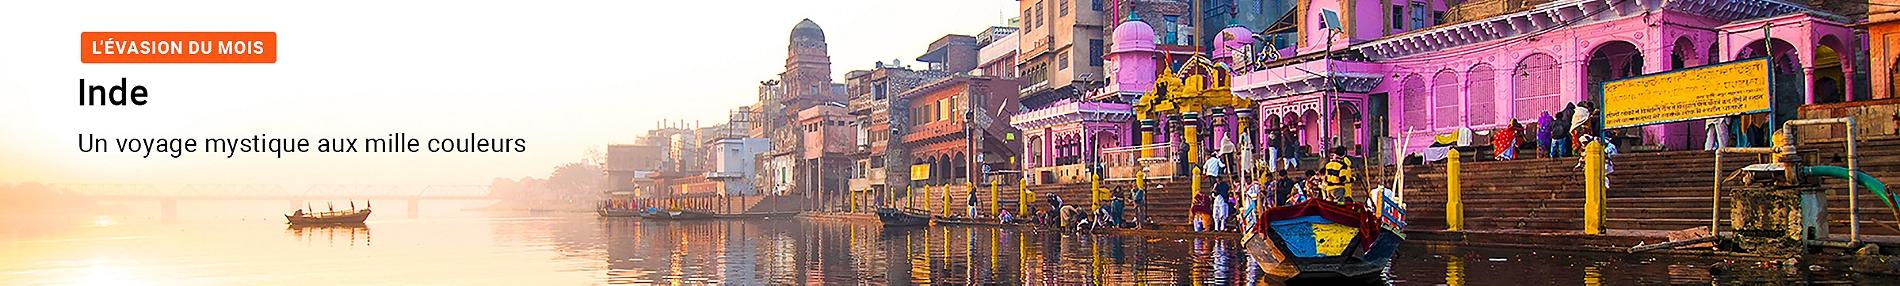 L'évasion du mois - Inde